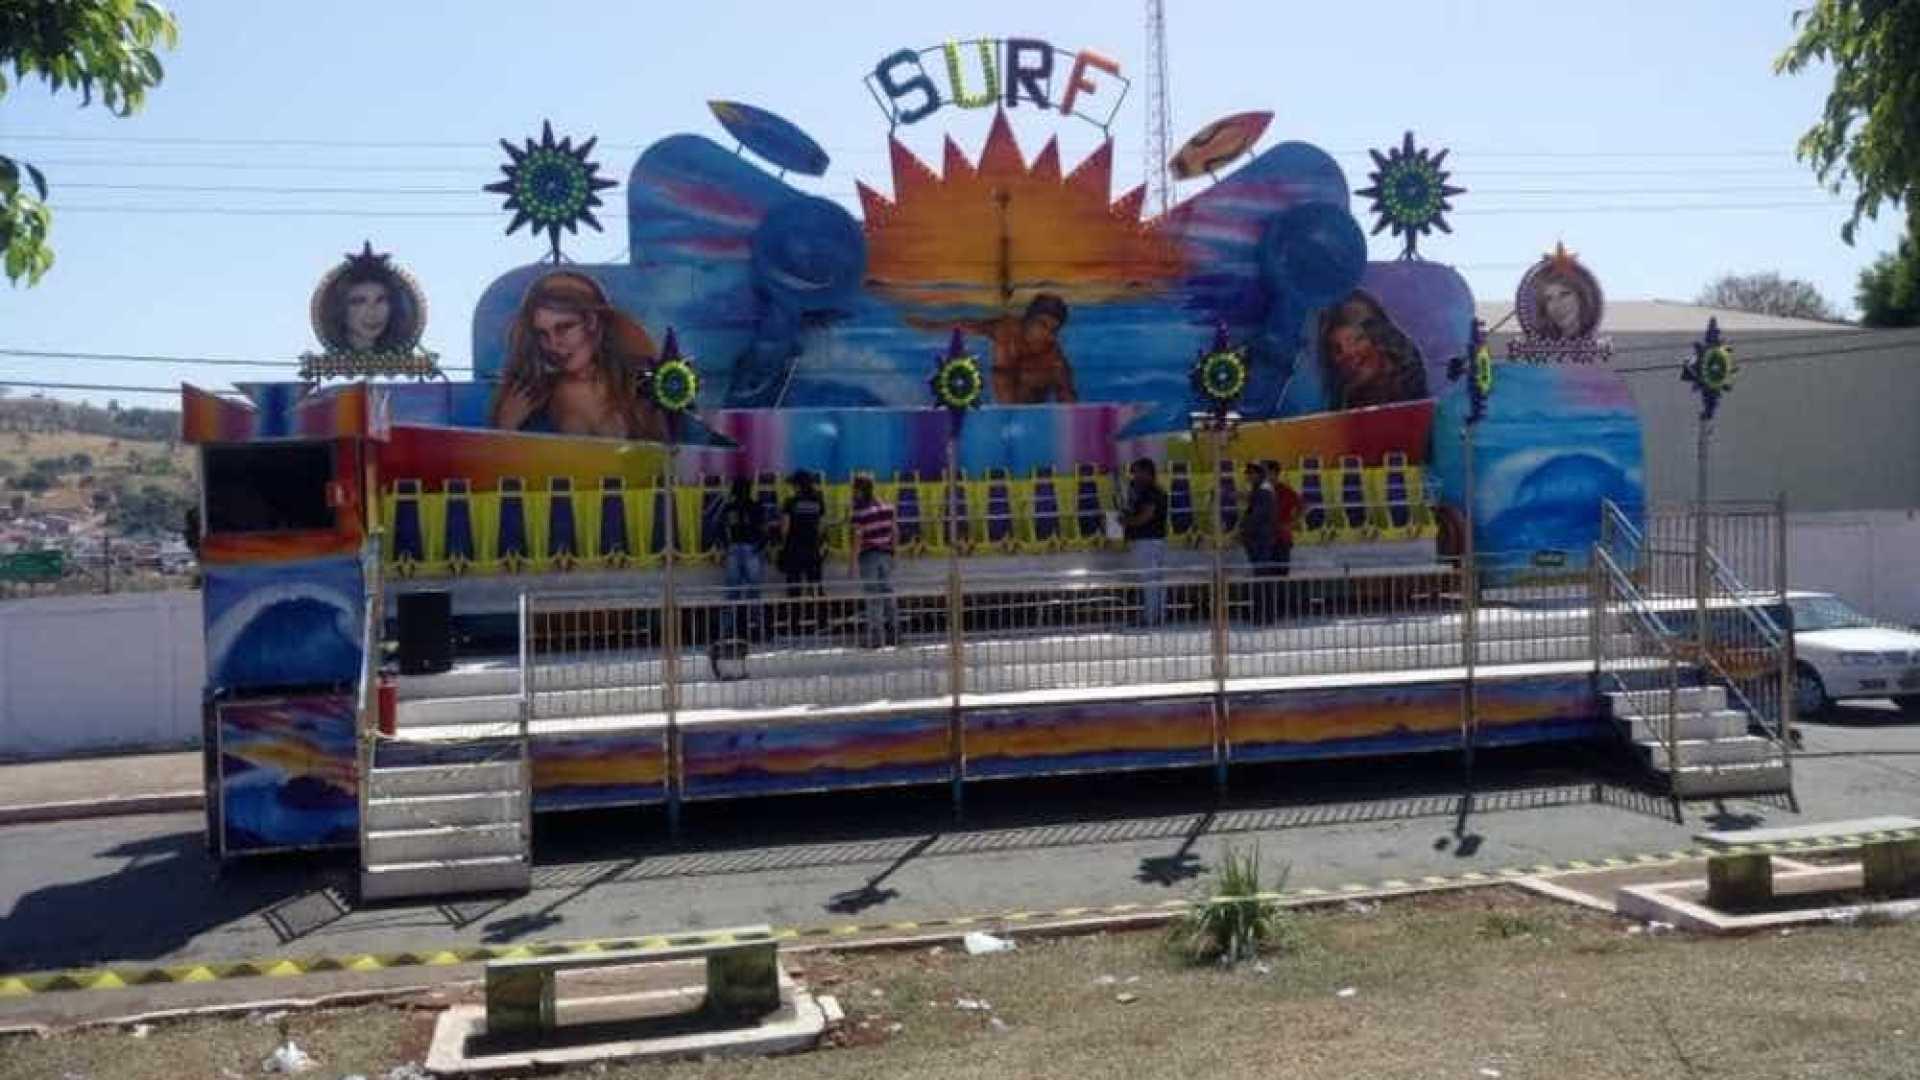 naom 5b82d86935e8a - Quatro meninas são arremessadas de brinquedo em parque de diversão